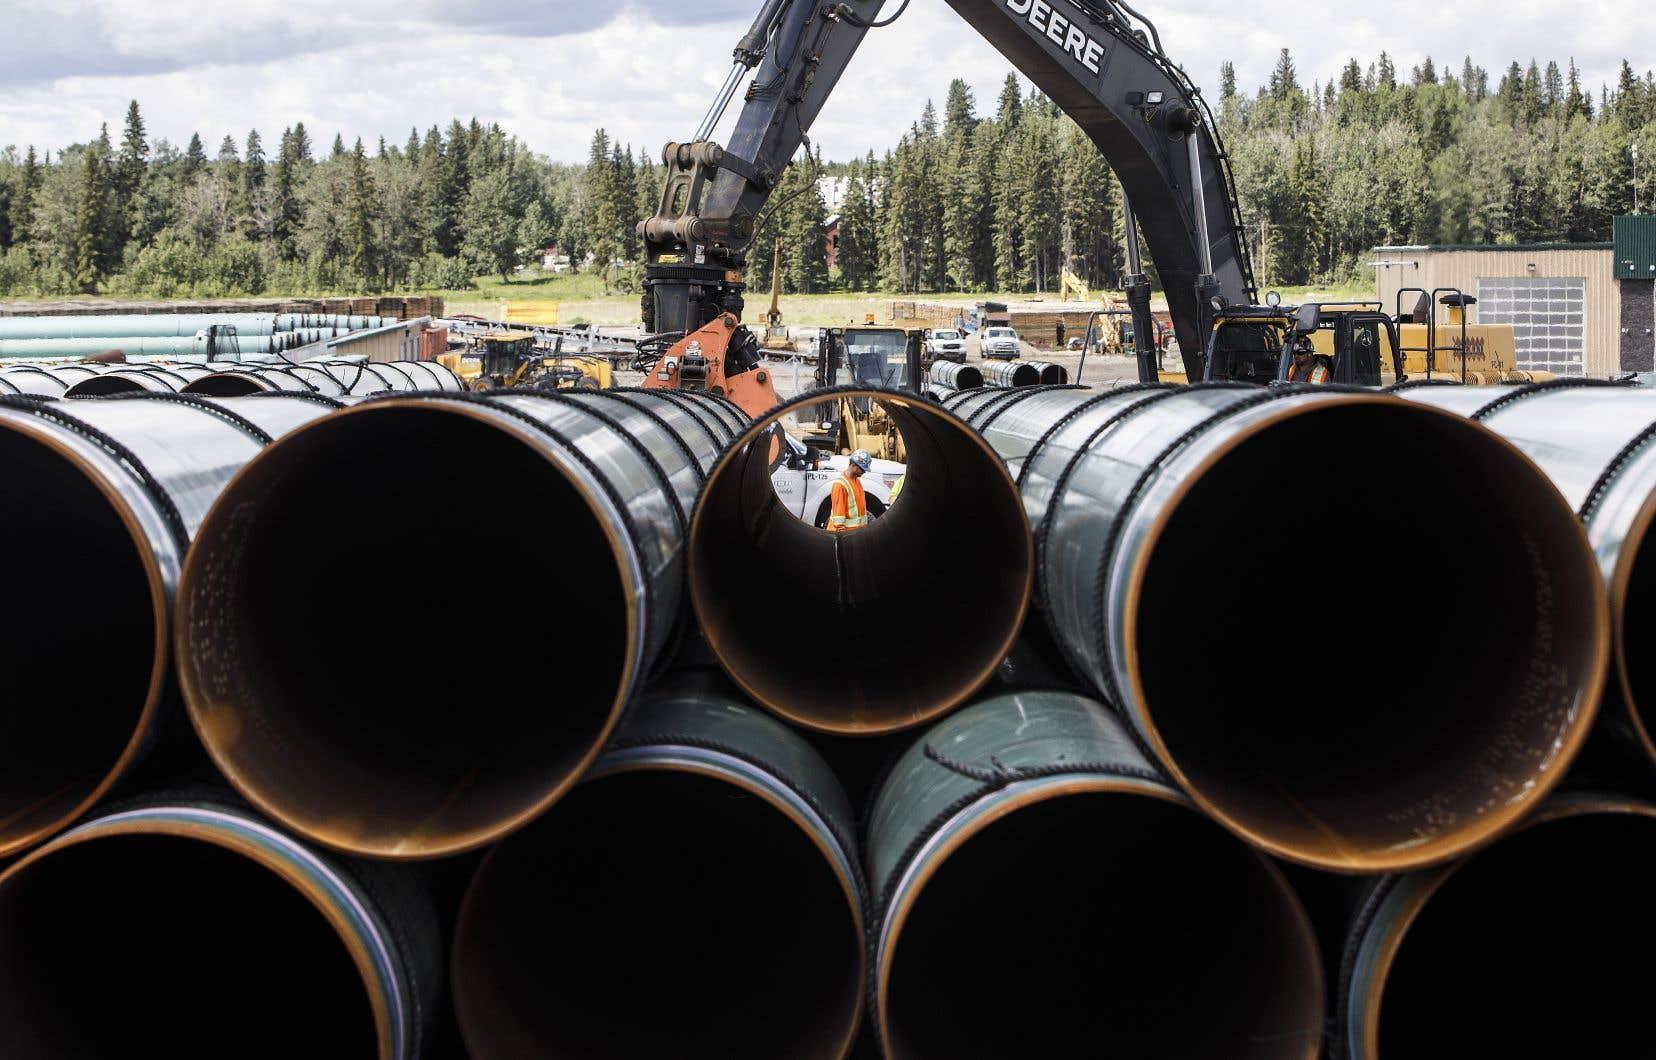 Une fois l'expansion achevée du pipeline Trans Mountain, 325millions de barils de pétrole des sables bitumineux seront transportés chaque année, contre 109millions actuellement.